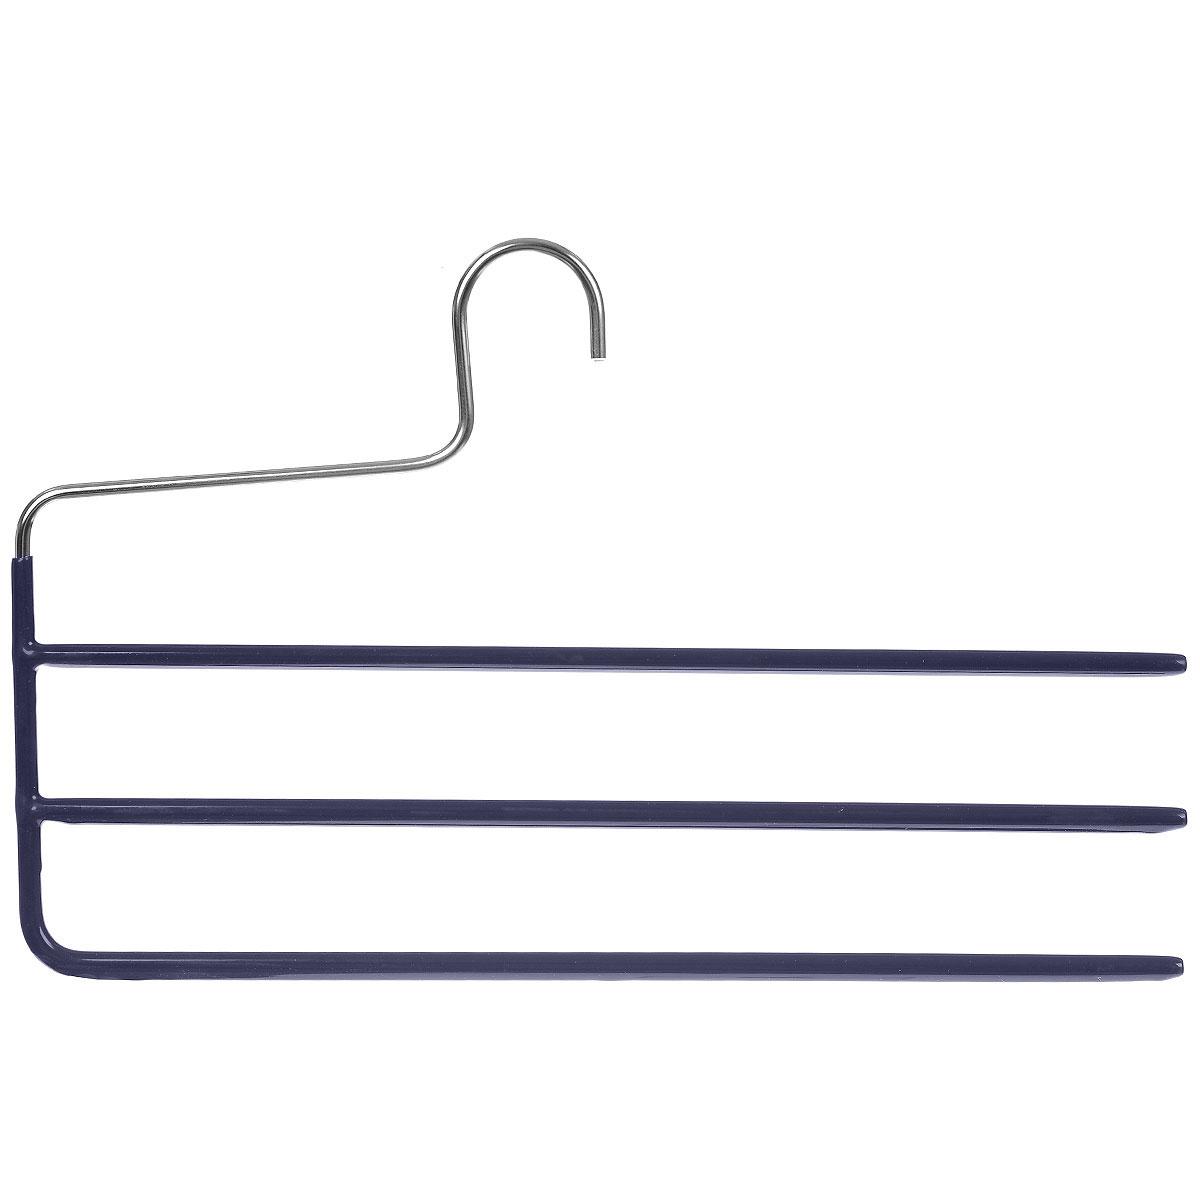 Вешалка для брюк Cosatto, цвет: темно-синий3310_салатовыйВешалка для брюк Cosatto изготовлена из металла с антискользящим покрытием. Имеет 3 перекладины для брюк. Вешалка - это необходимый аксессуар для аккуратного хранения вещей.